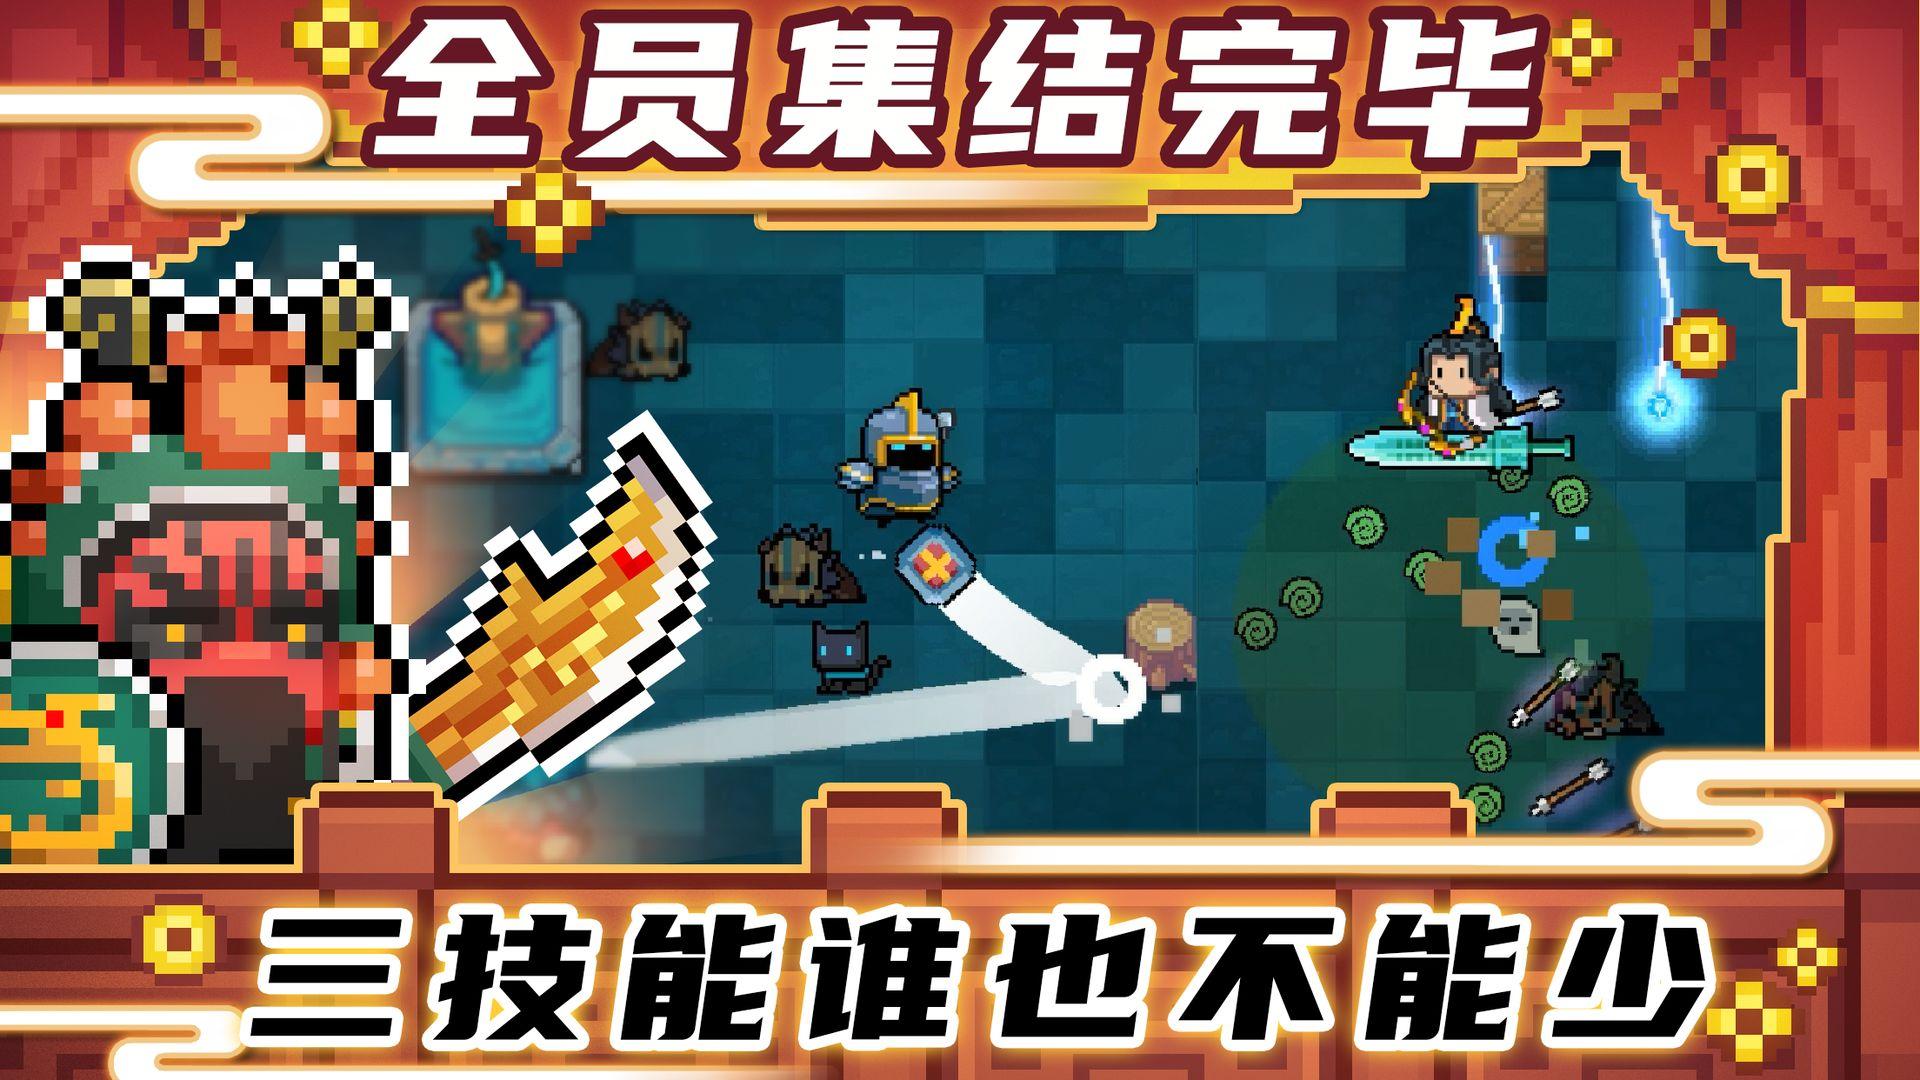 元气骑士破解版最新版无限蓝无限技能图2: